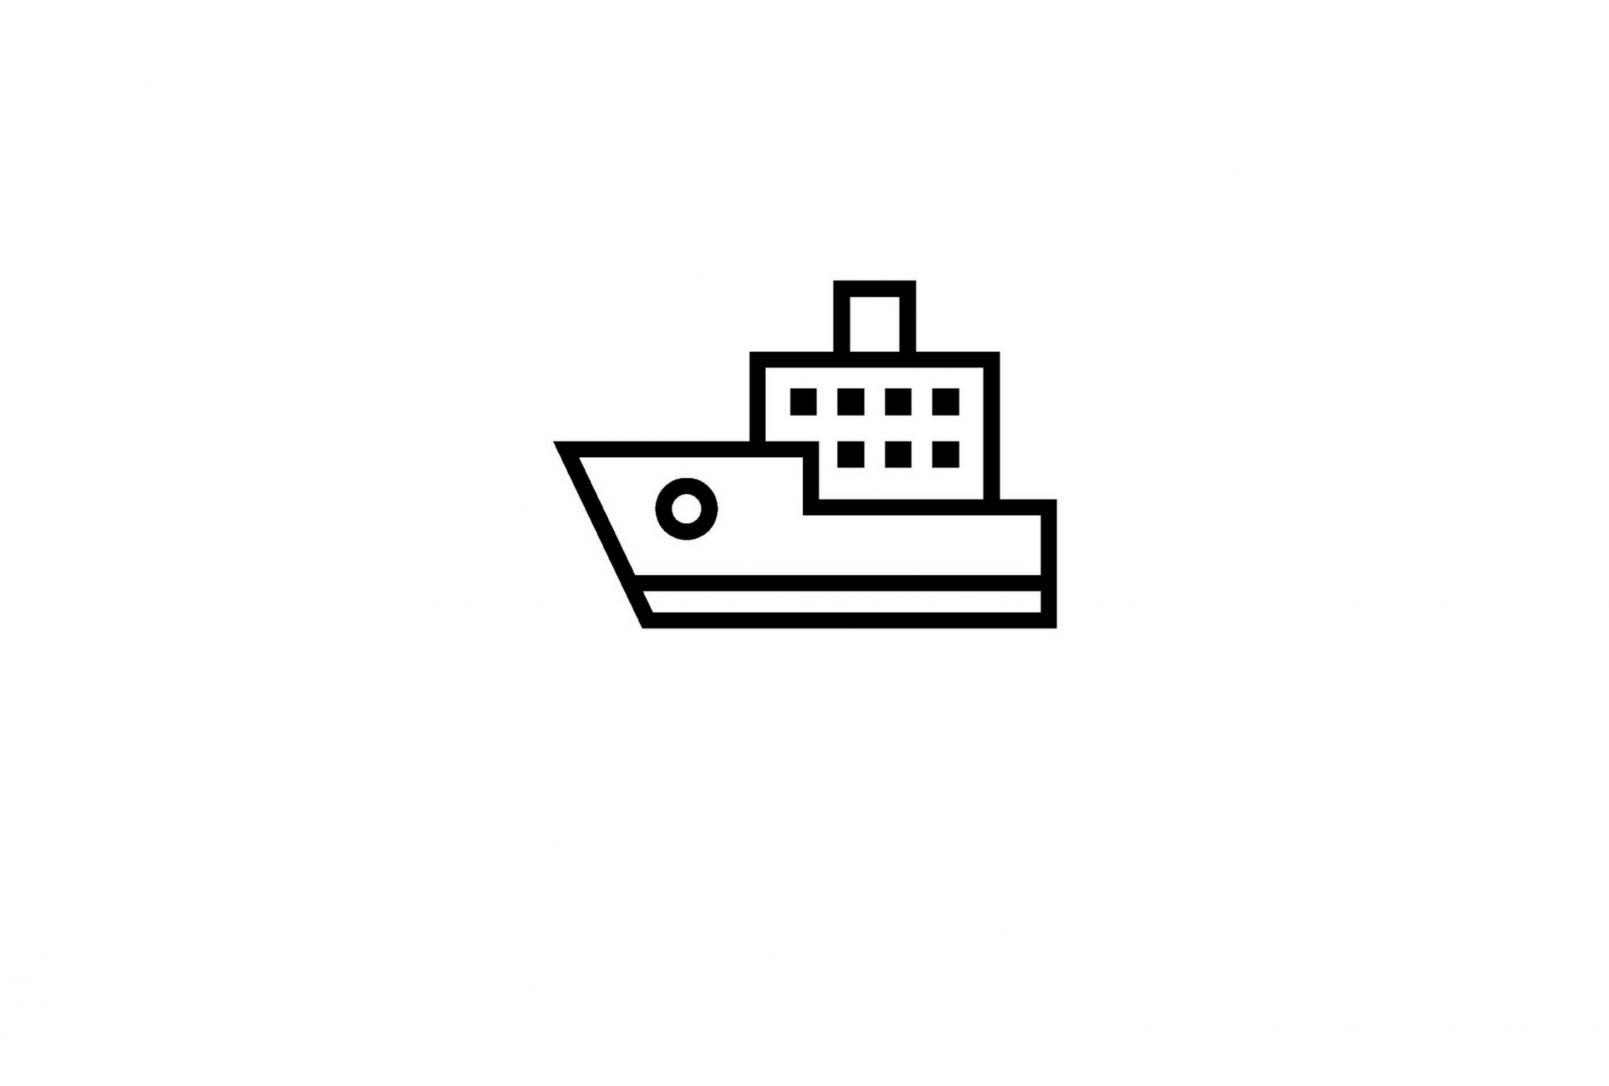 海上タクシー・瀬渡し船-1